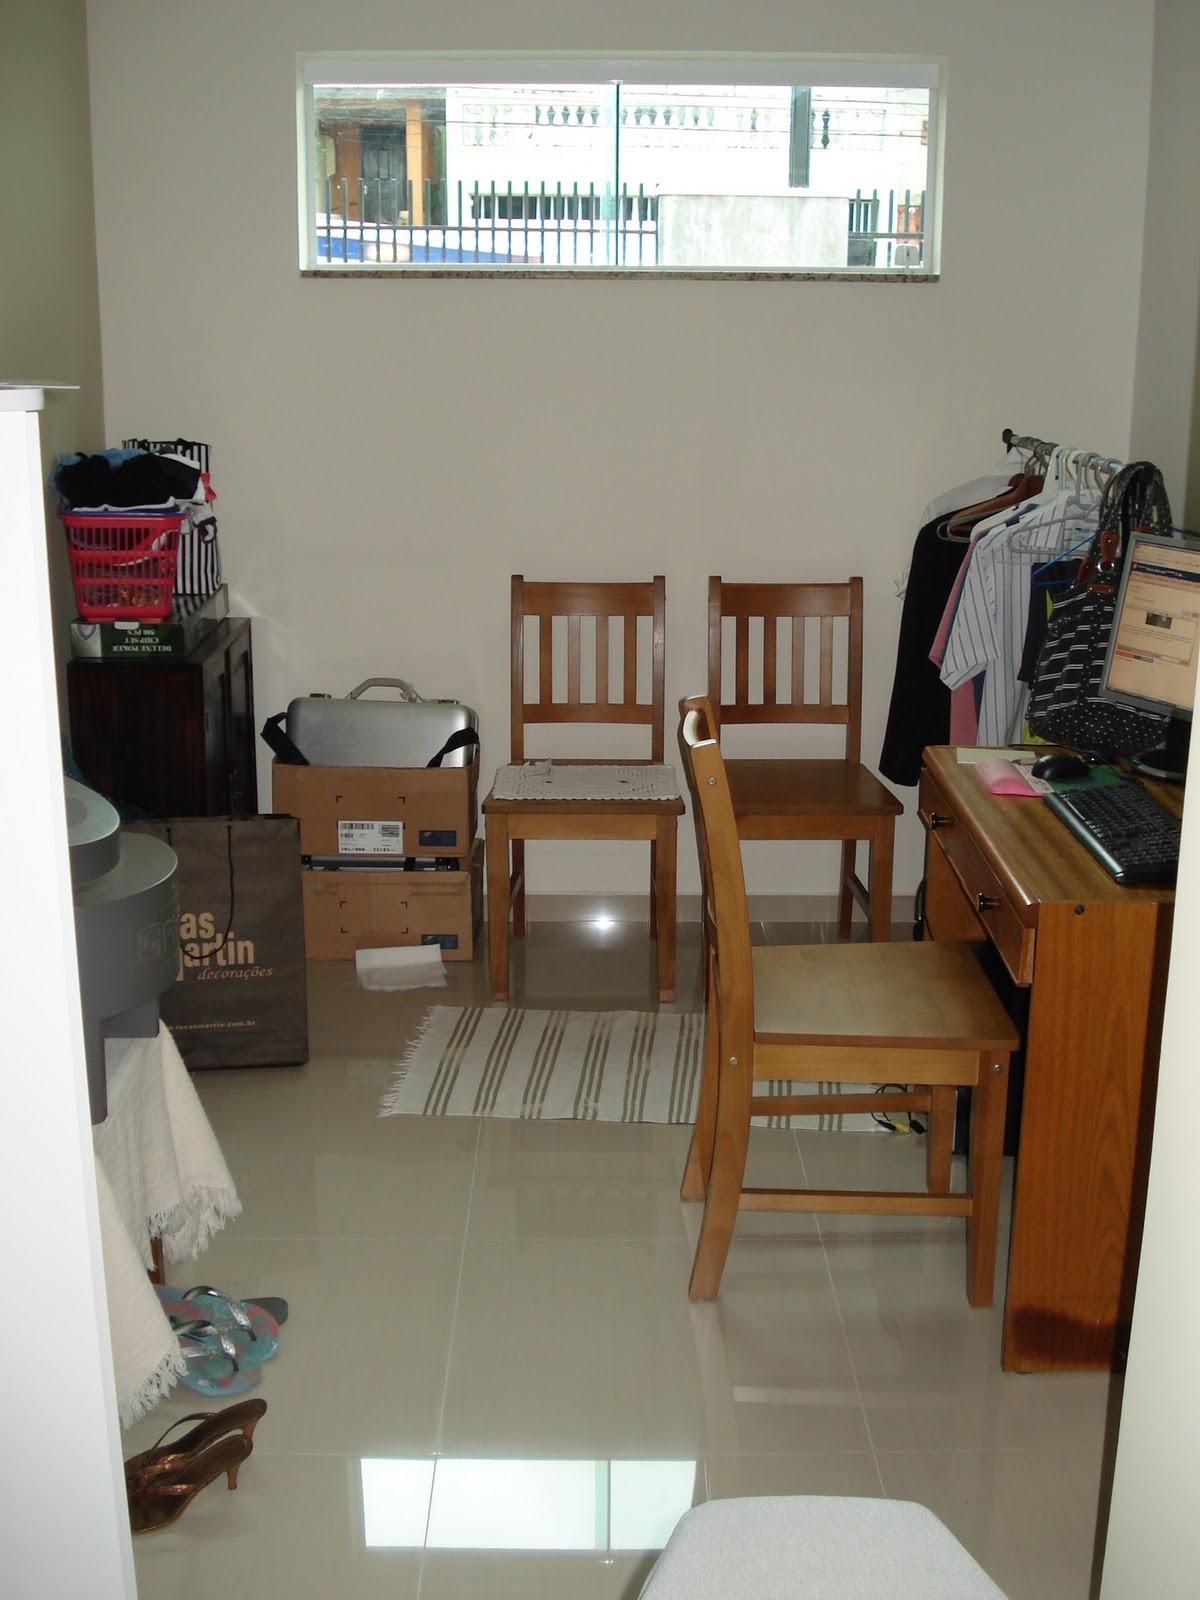 Nasce uma casa ***** O dia a dia de uma construção: Março 2011  #683F21 1200x1600